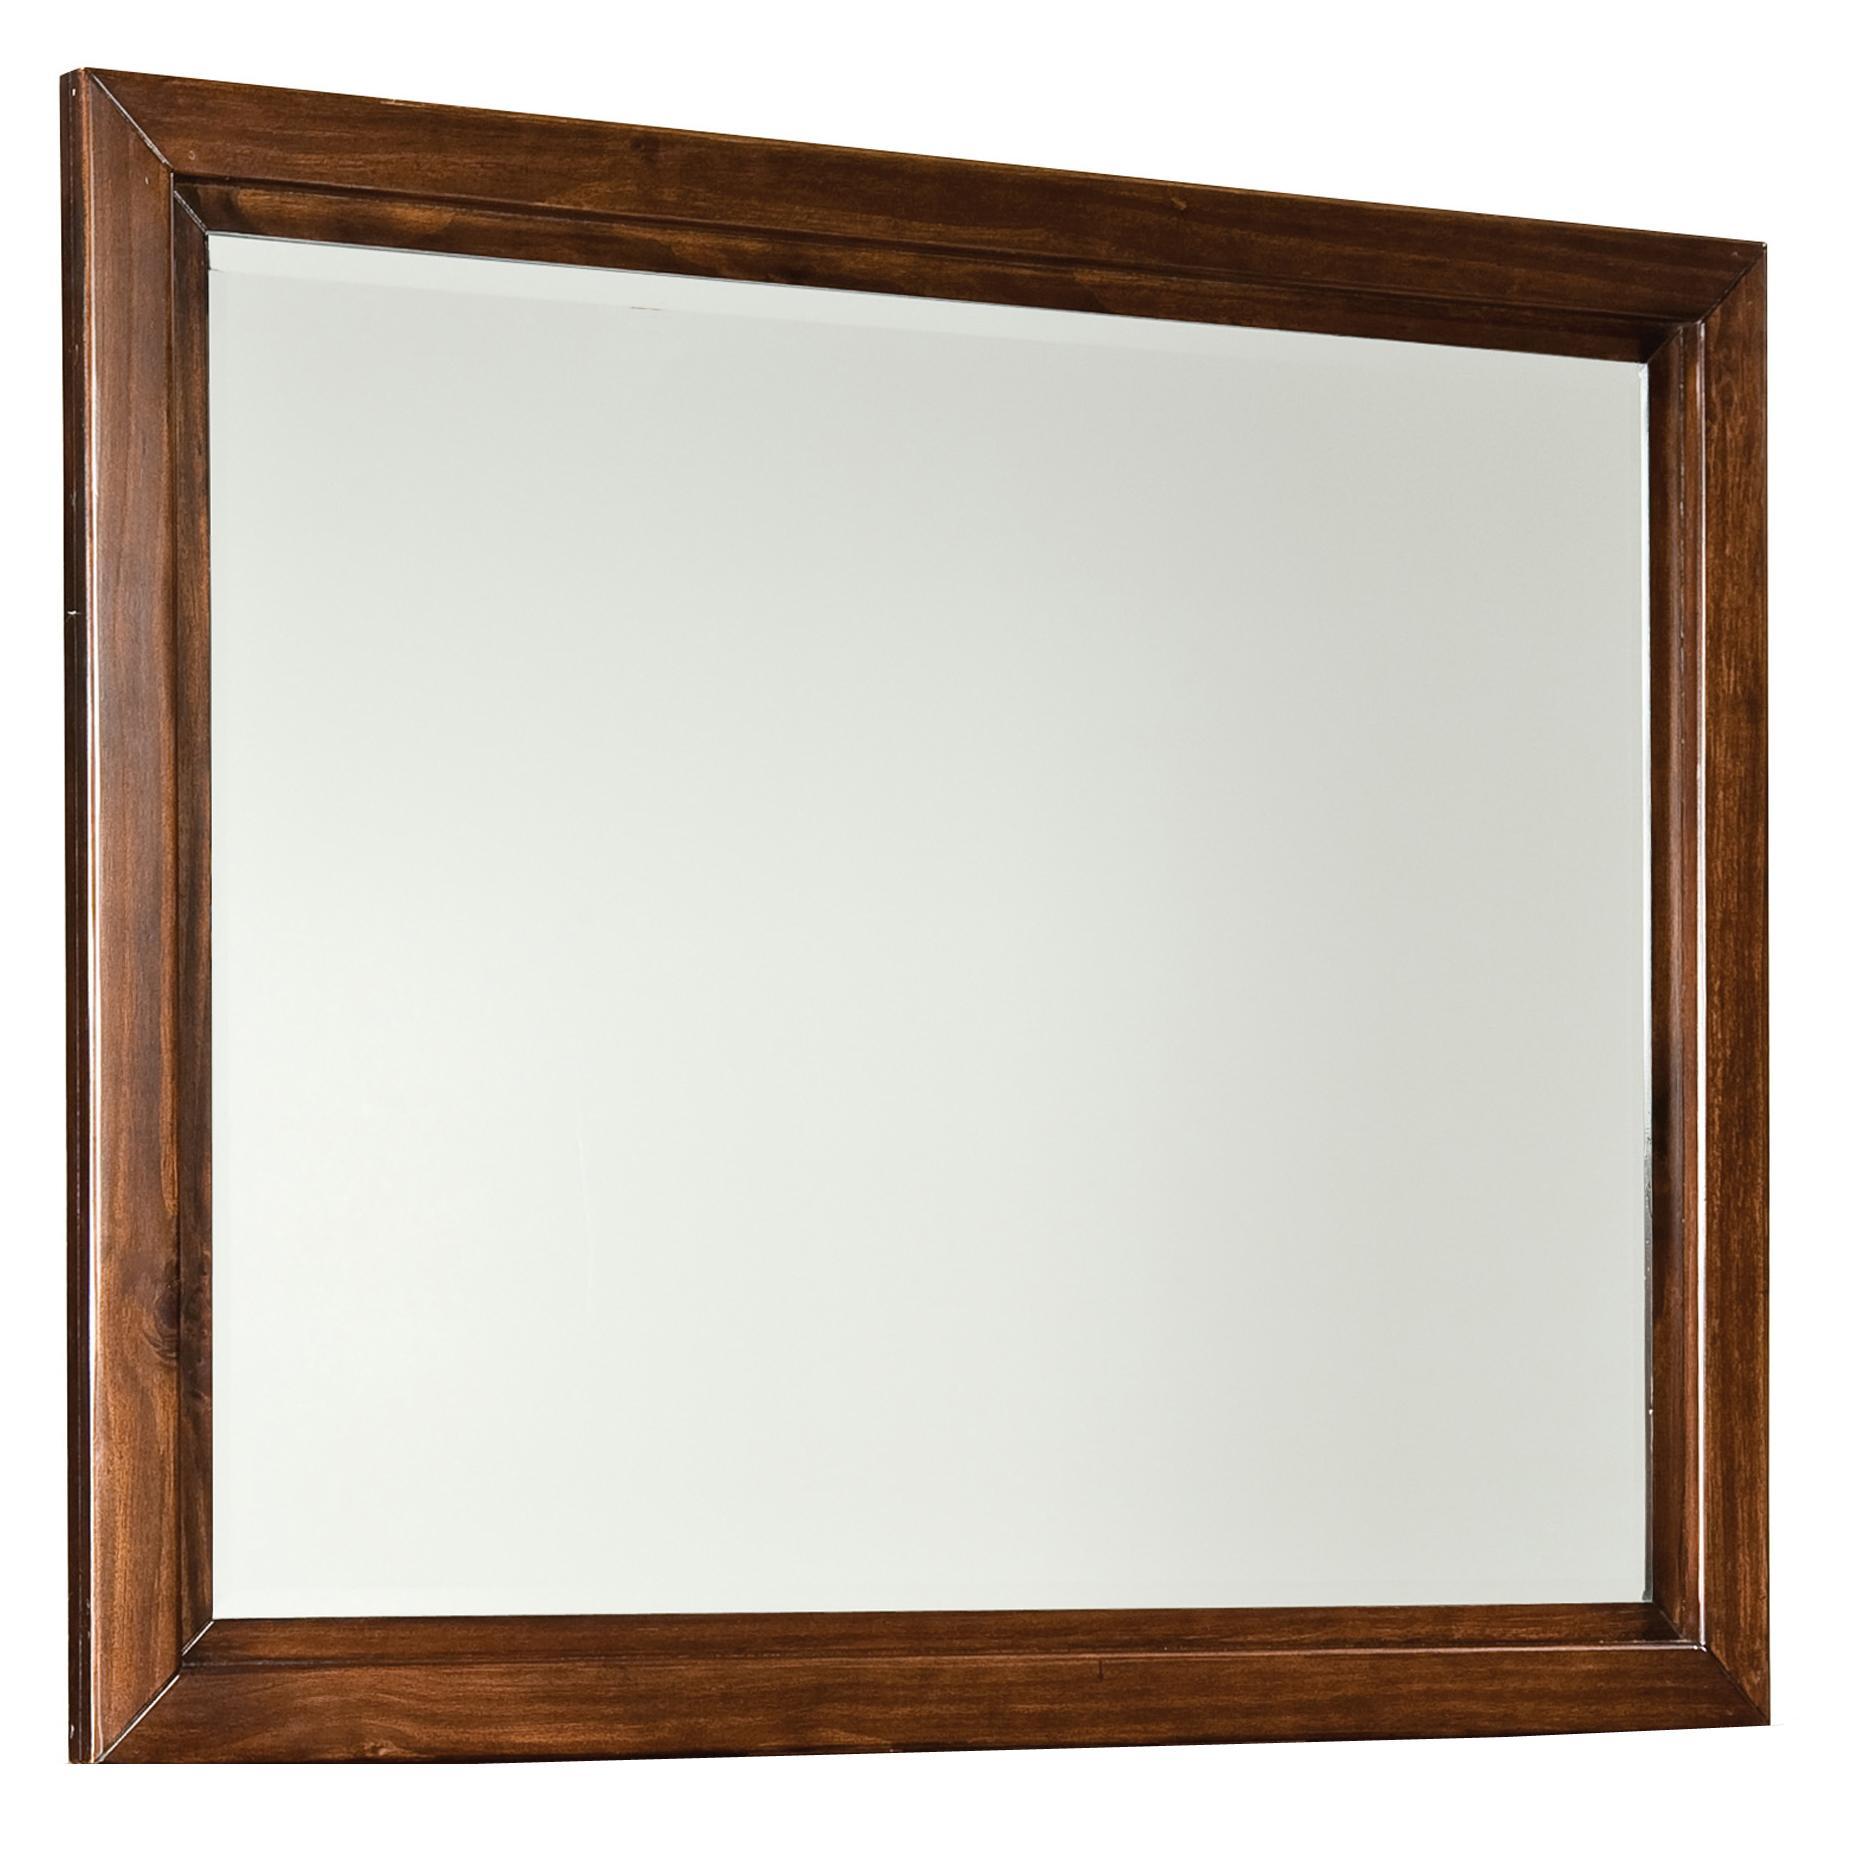 Standard Furniture Metro Landscape Beveled Mirror               - Item Number: 87958